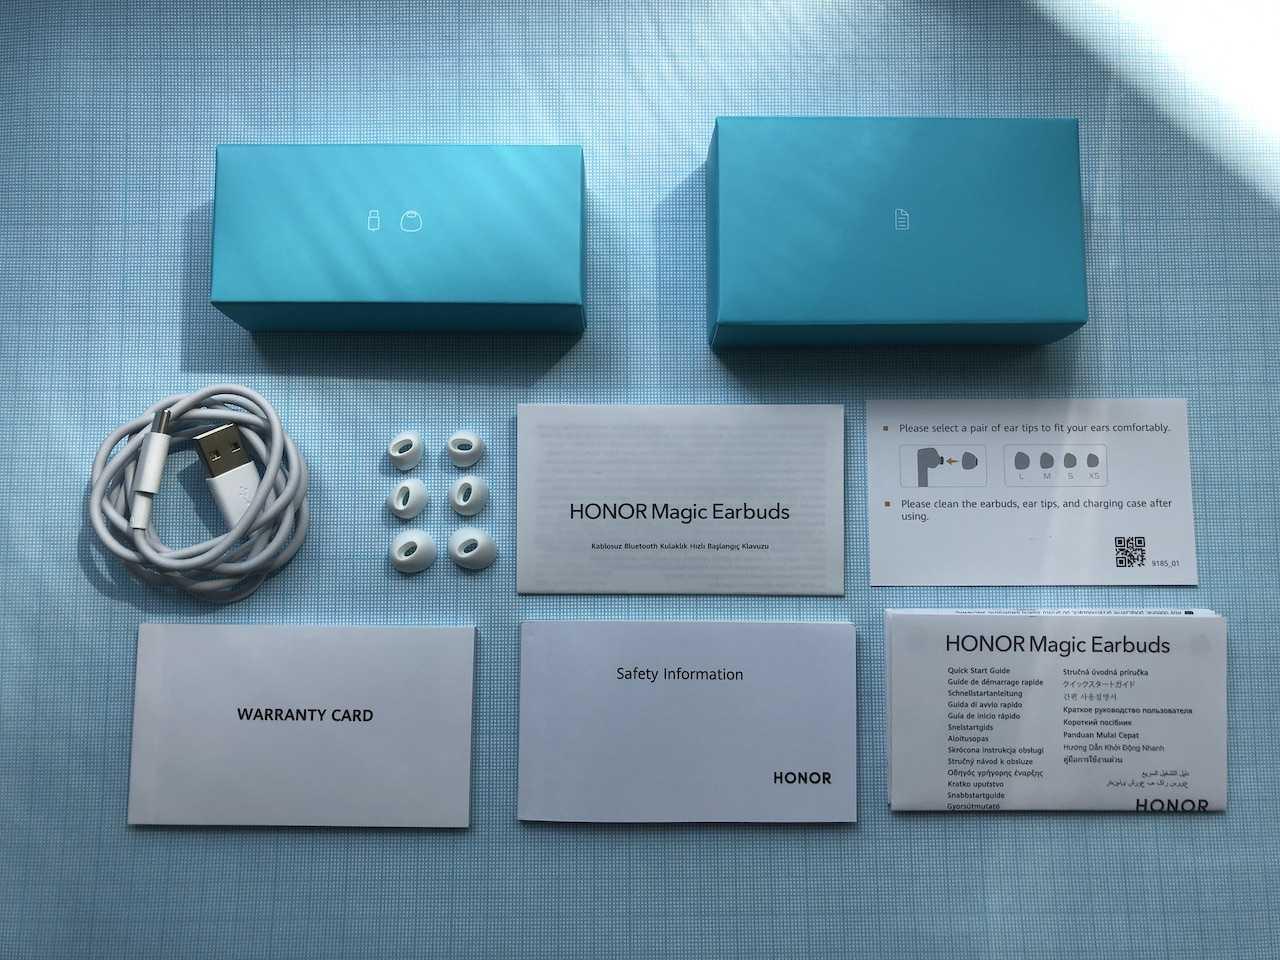 В октябре корпорация Microsoft анонсировала свои новые беспроводные наушники получившие название Surface Earbuds Модель заинтриговала многих любителей качественной